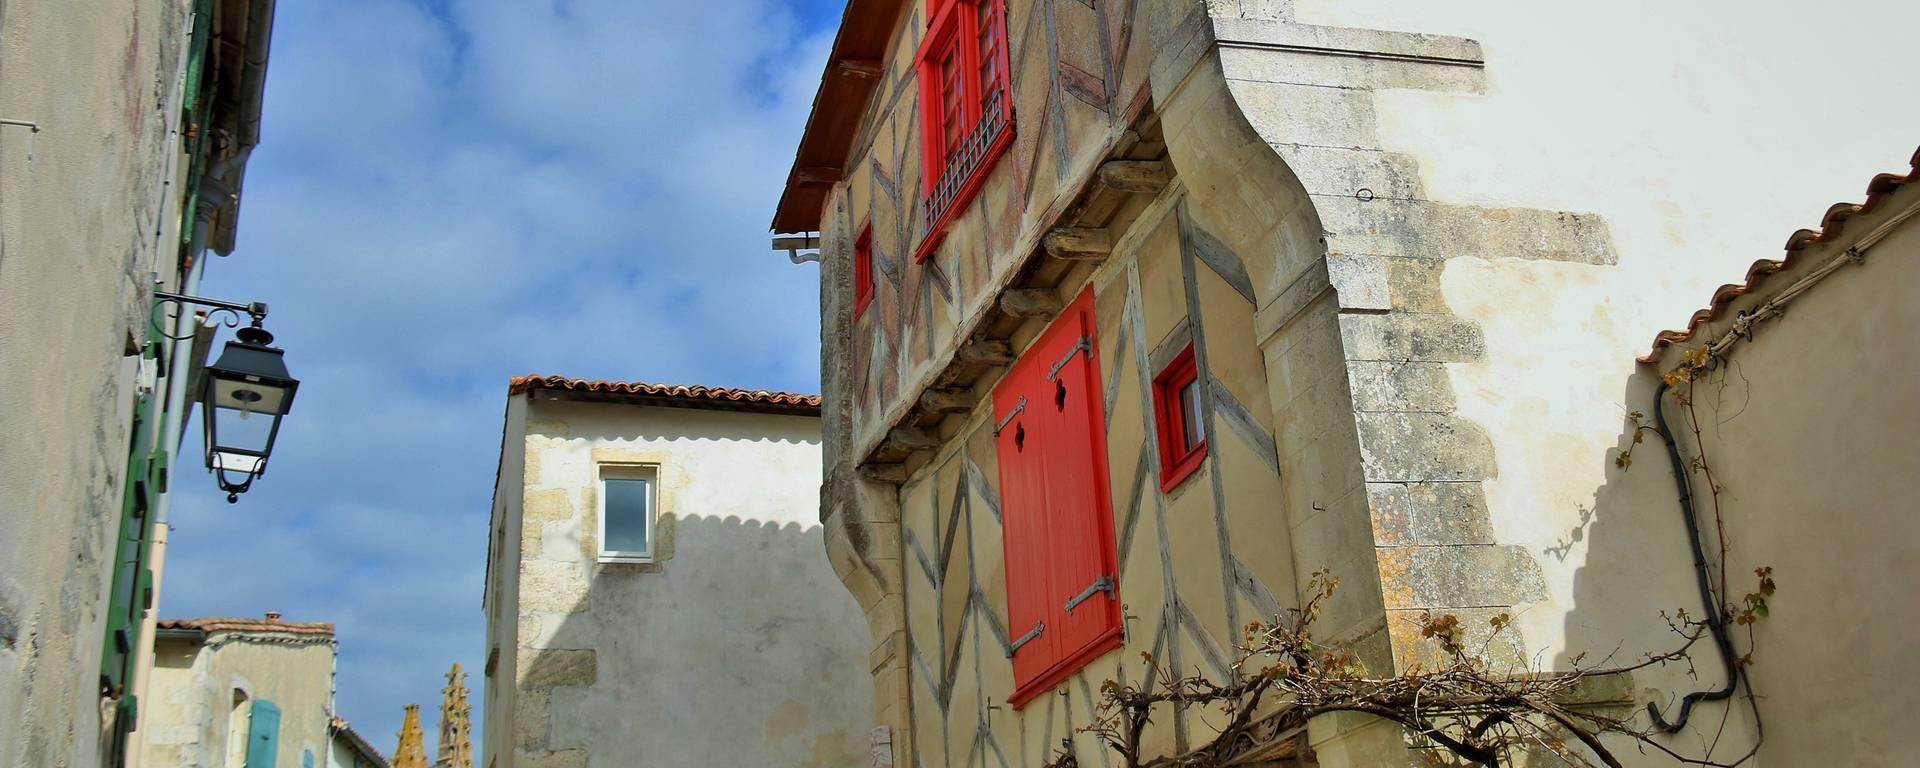 Architecture de Saint-Martin-de-Ré par Lesley Williamson